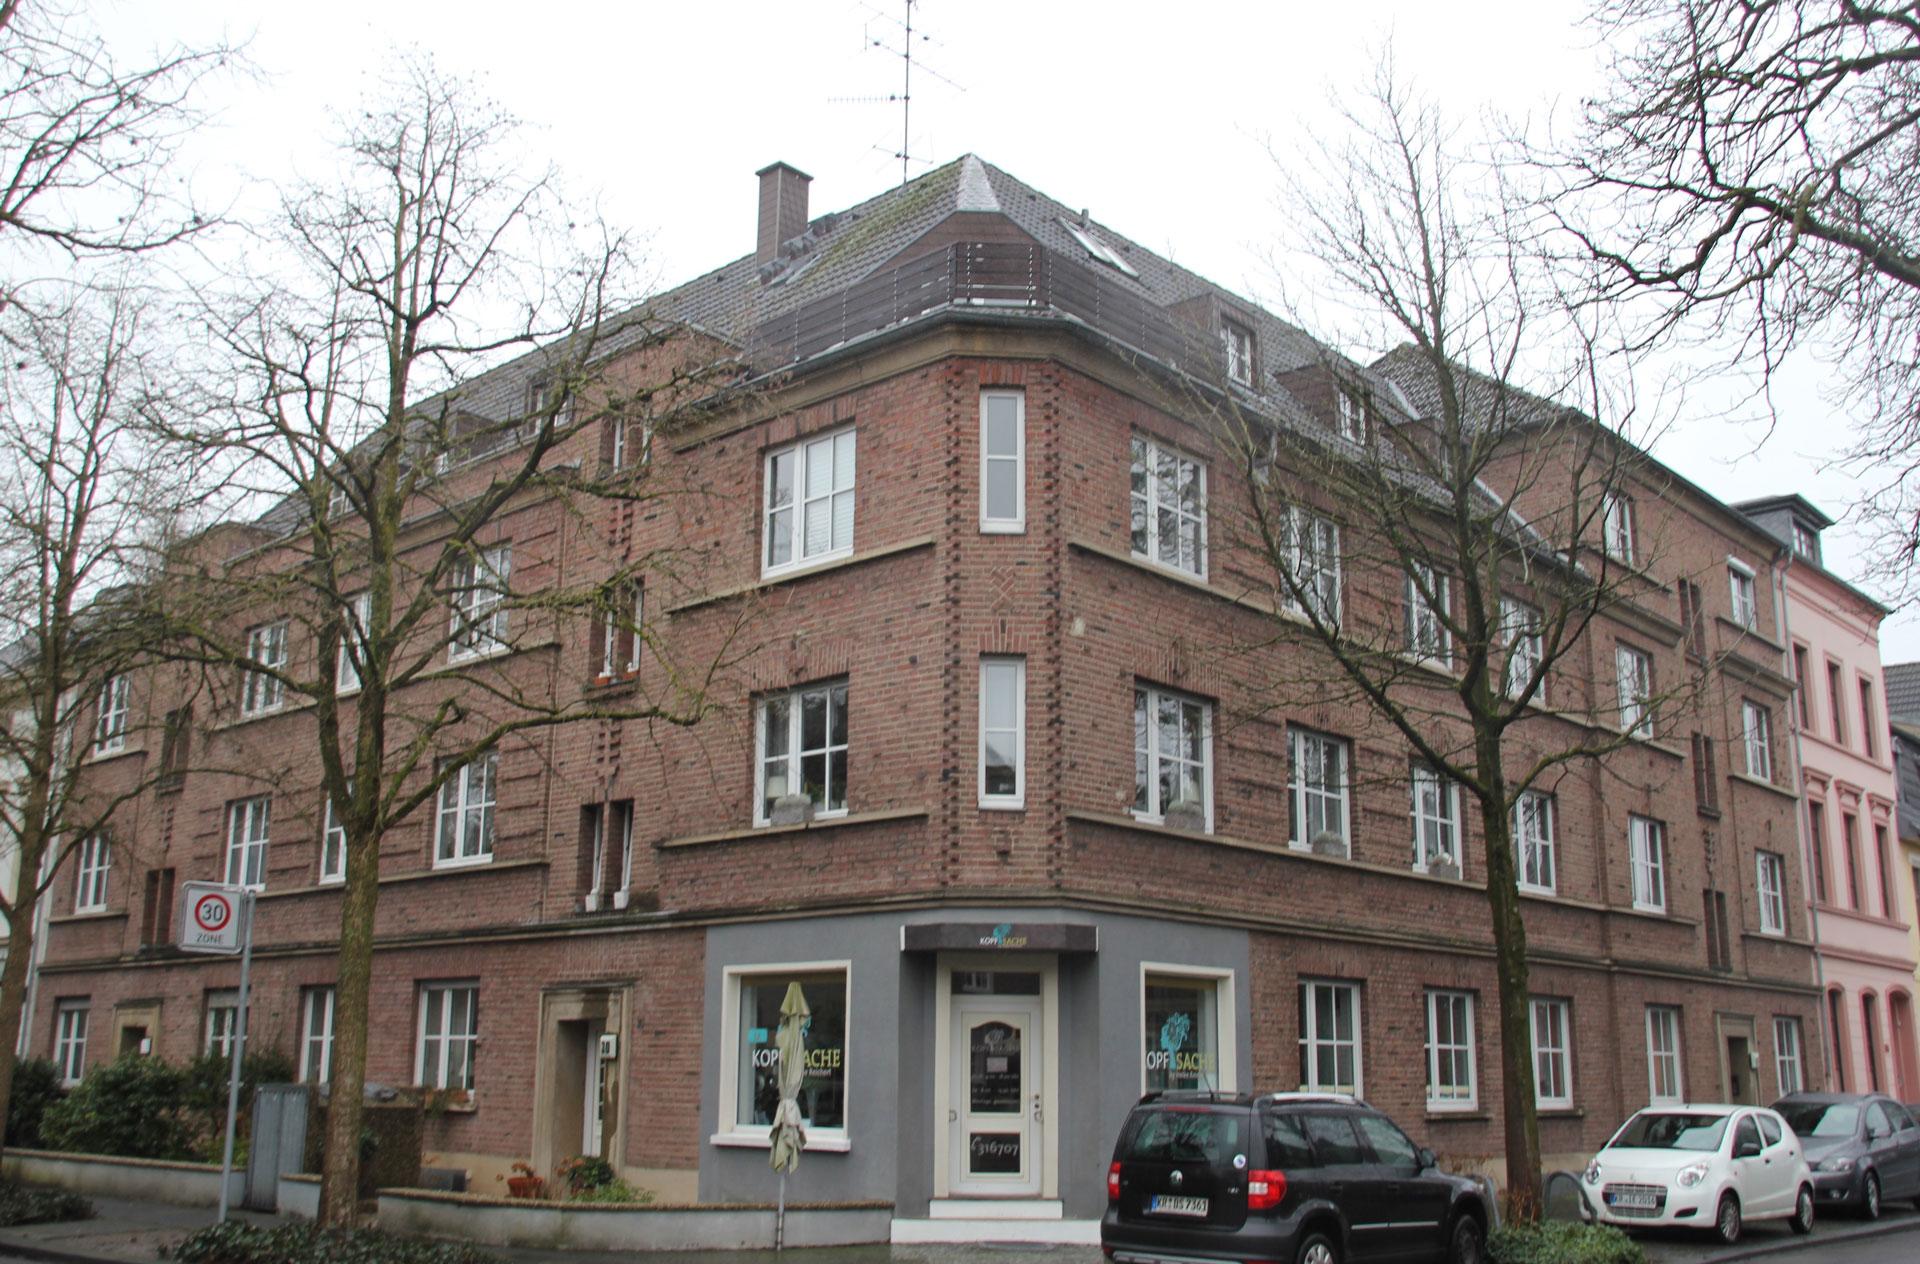 Hausverwaltung Krefeld: Yorckstraße, Germaniastraße WEG-Verwalter